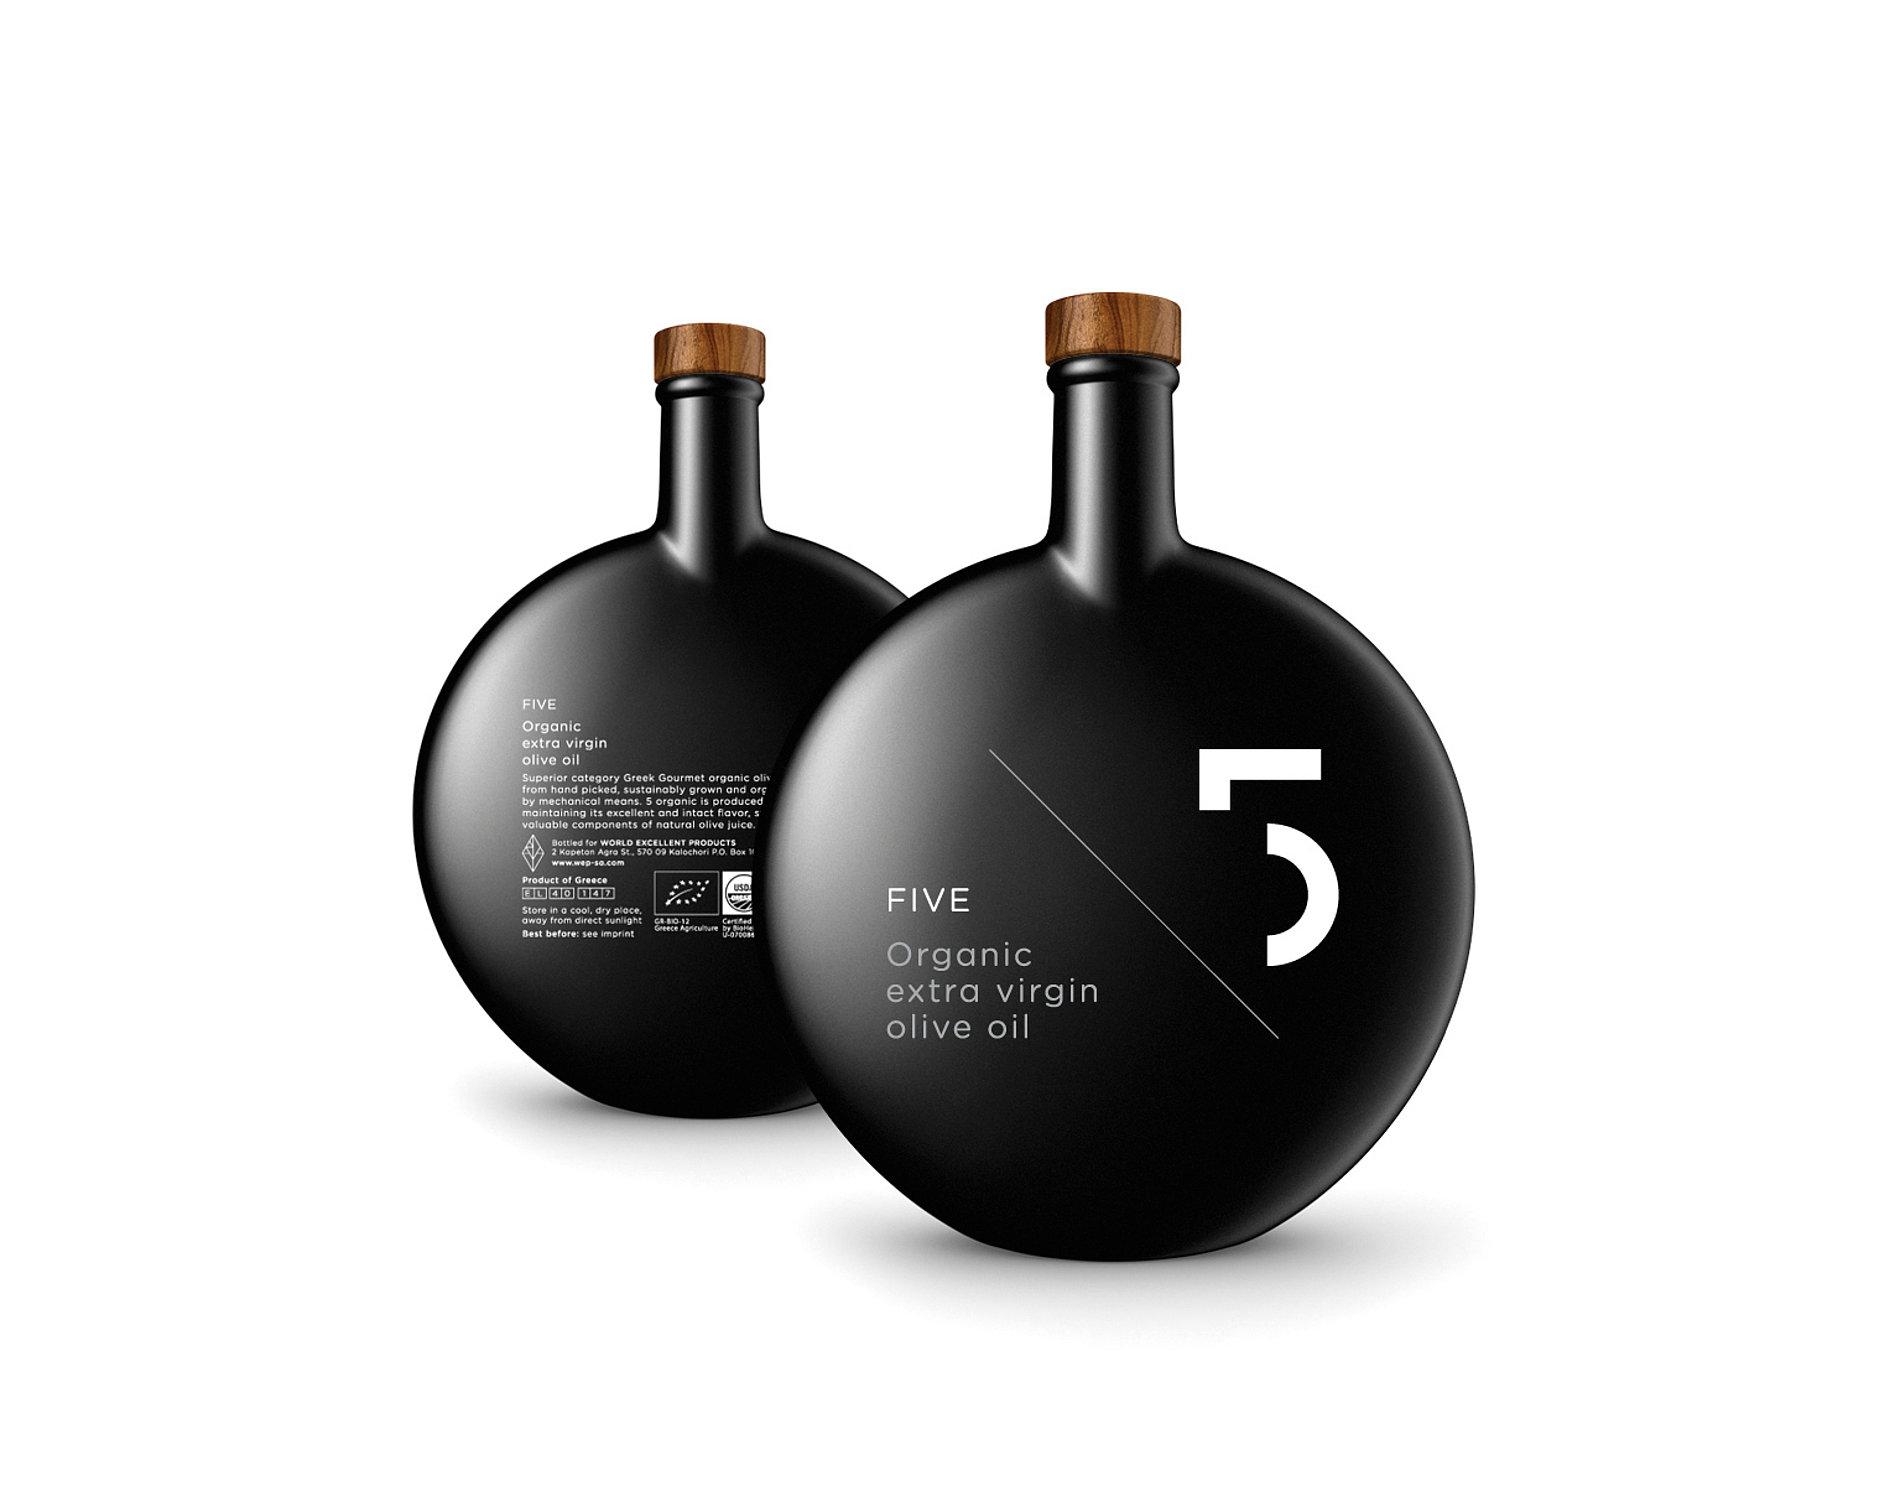 FIVE Olive Oil | Red Dot Design Award